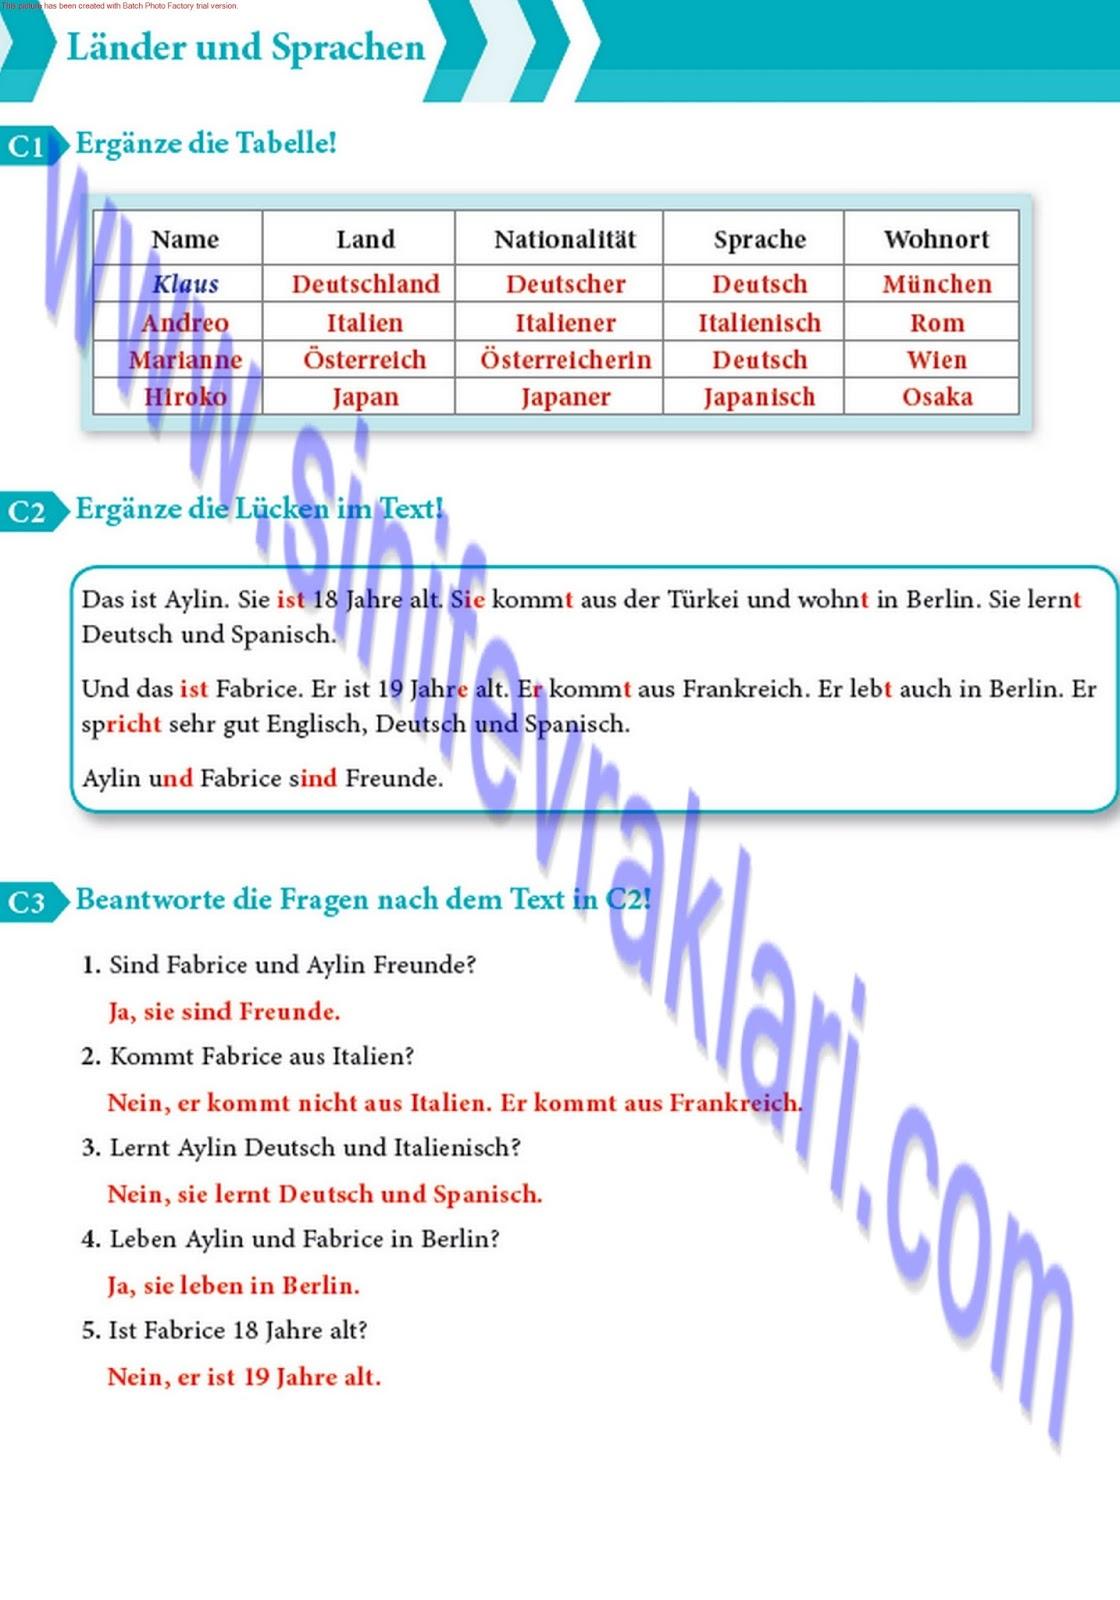 9 Sınıf Almanca A11 çalışma Kitabı Cevapları Sayfa 10 Ders